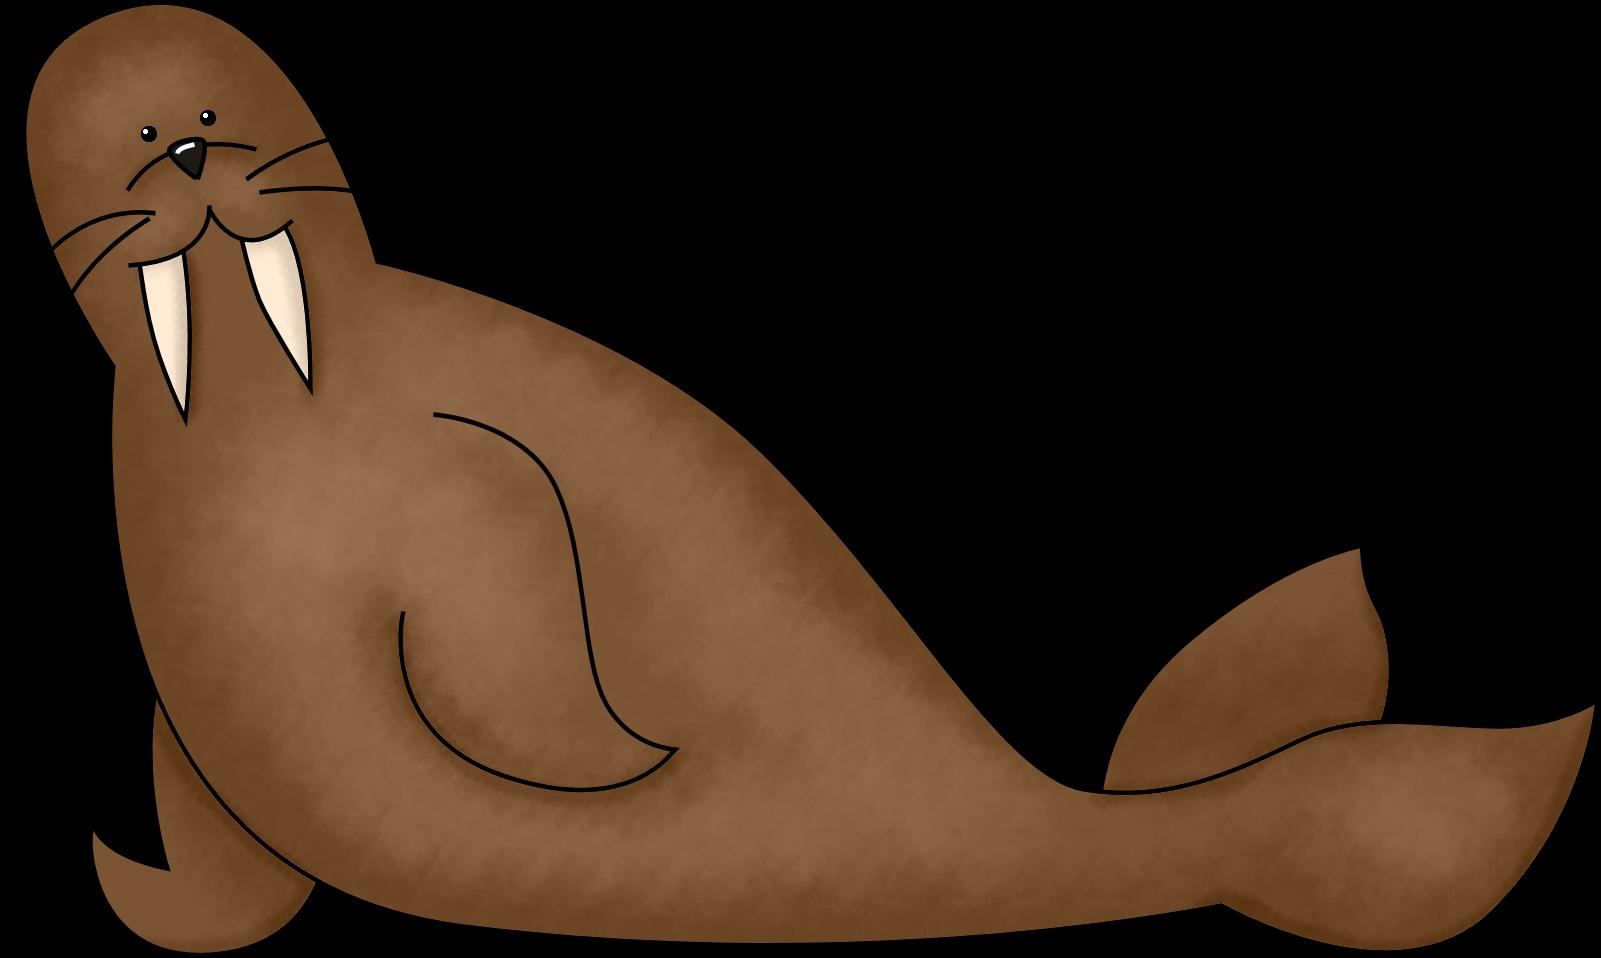 Brown Walrus Clipart